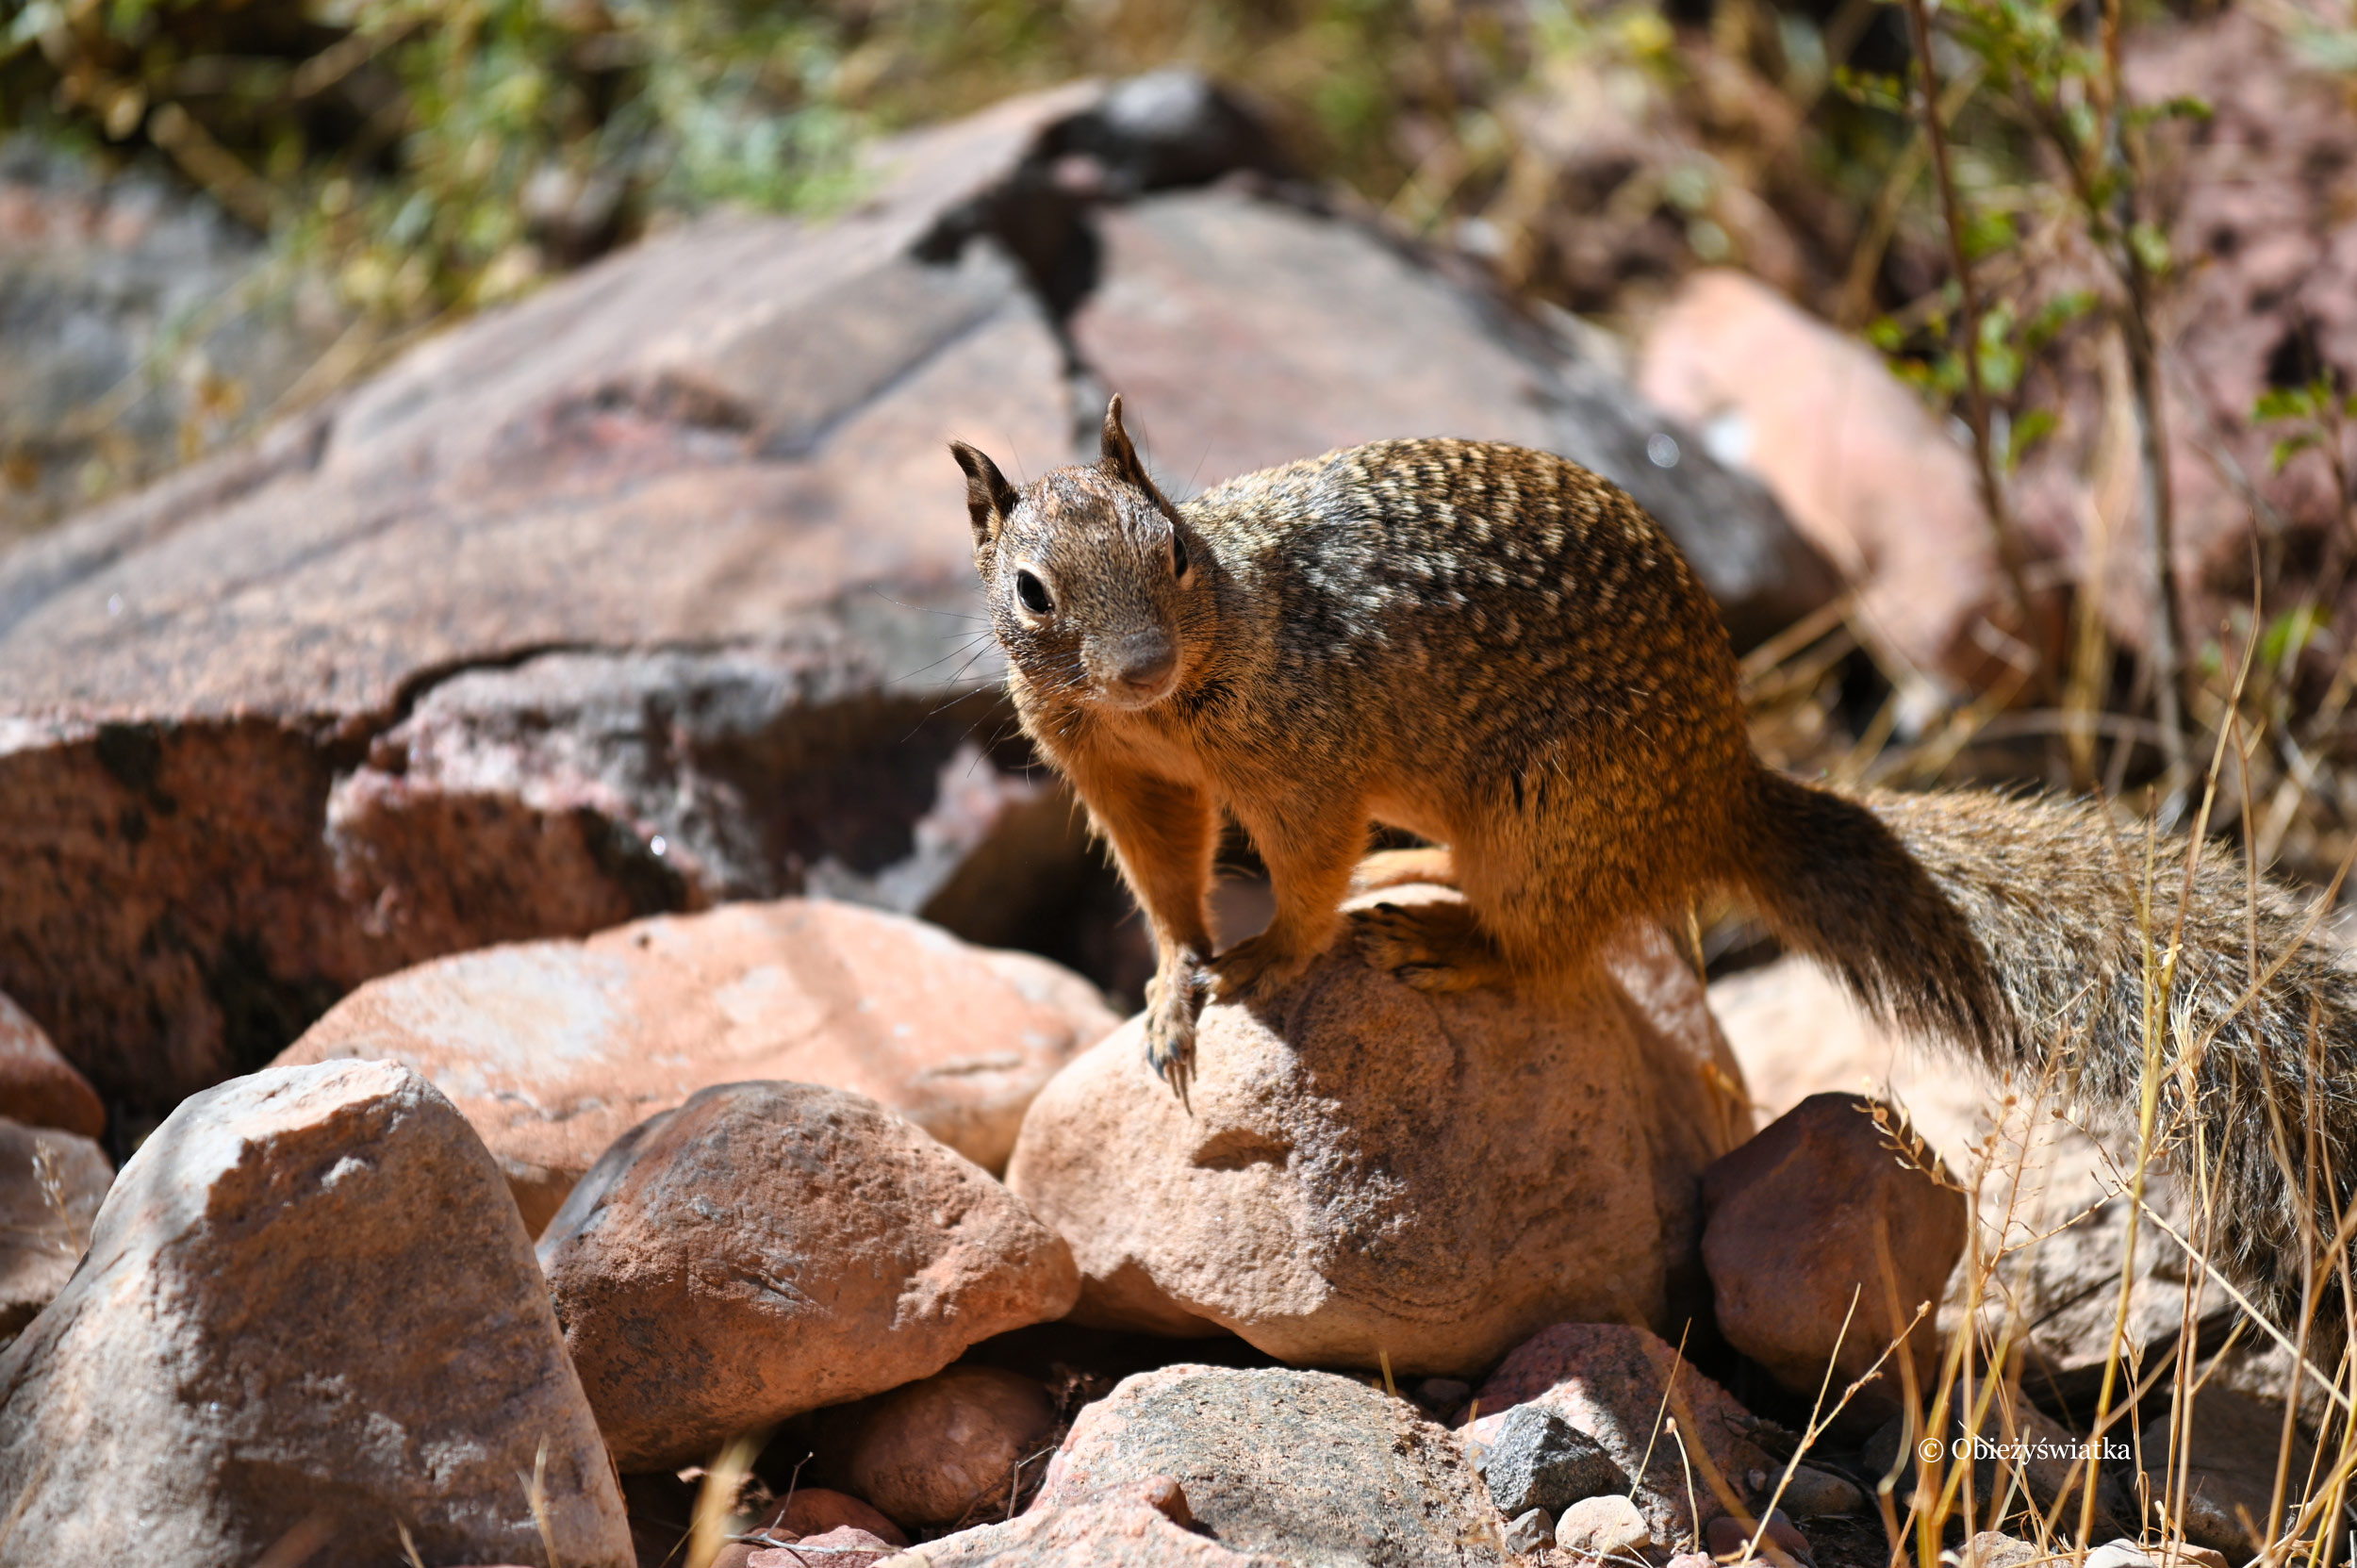 Susłouch skalny w Wielkim Kanionie - Rock Squirrel, Grand Canyon, Arizona, USA